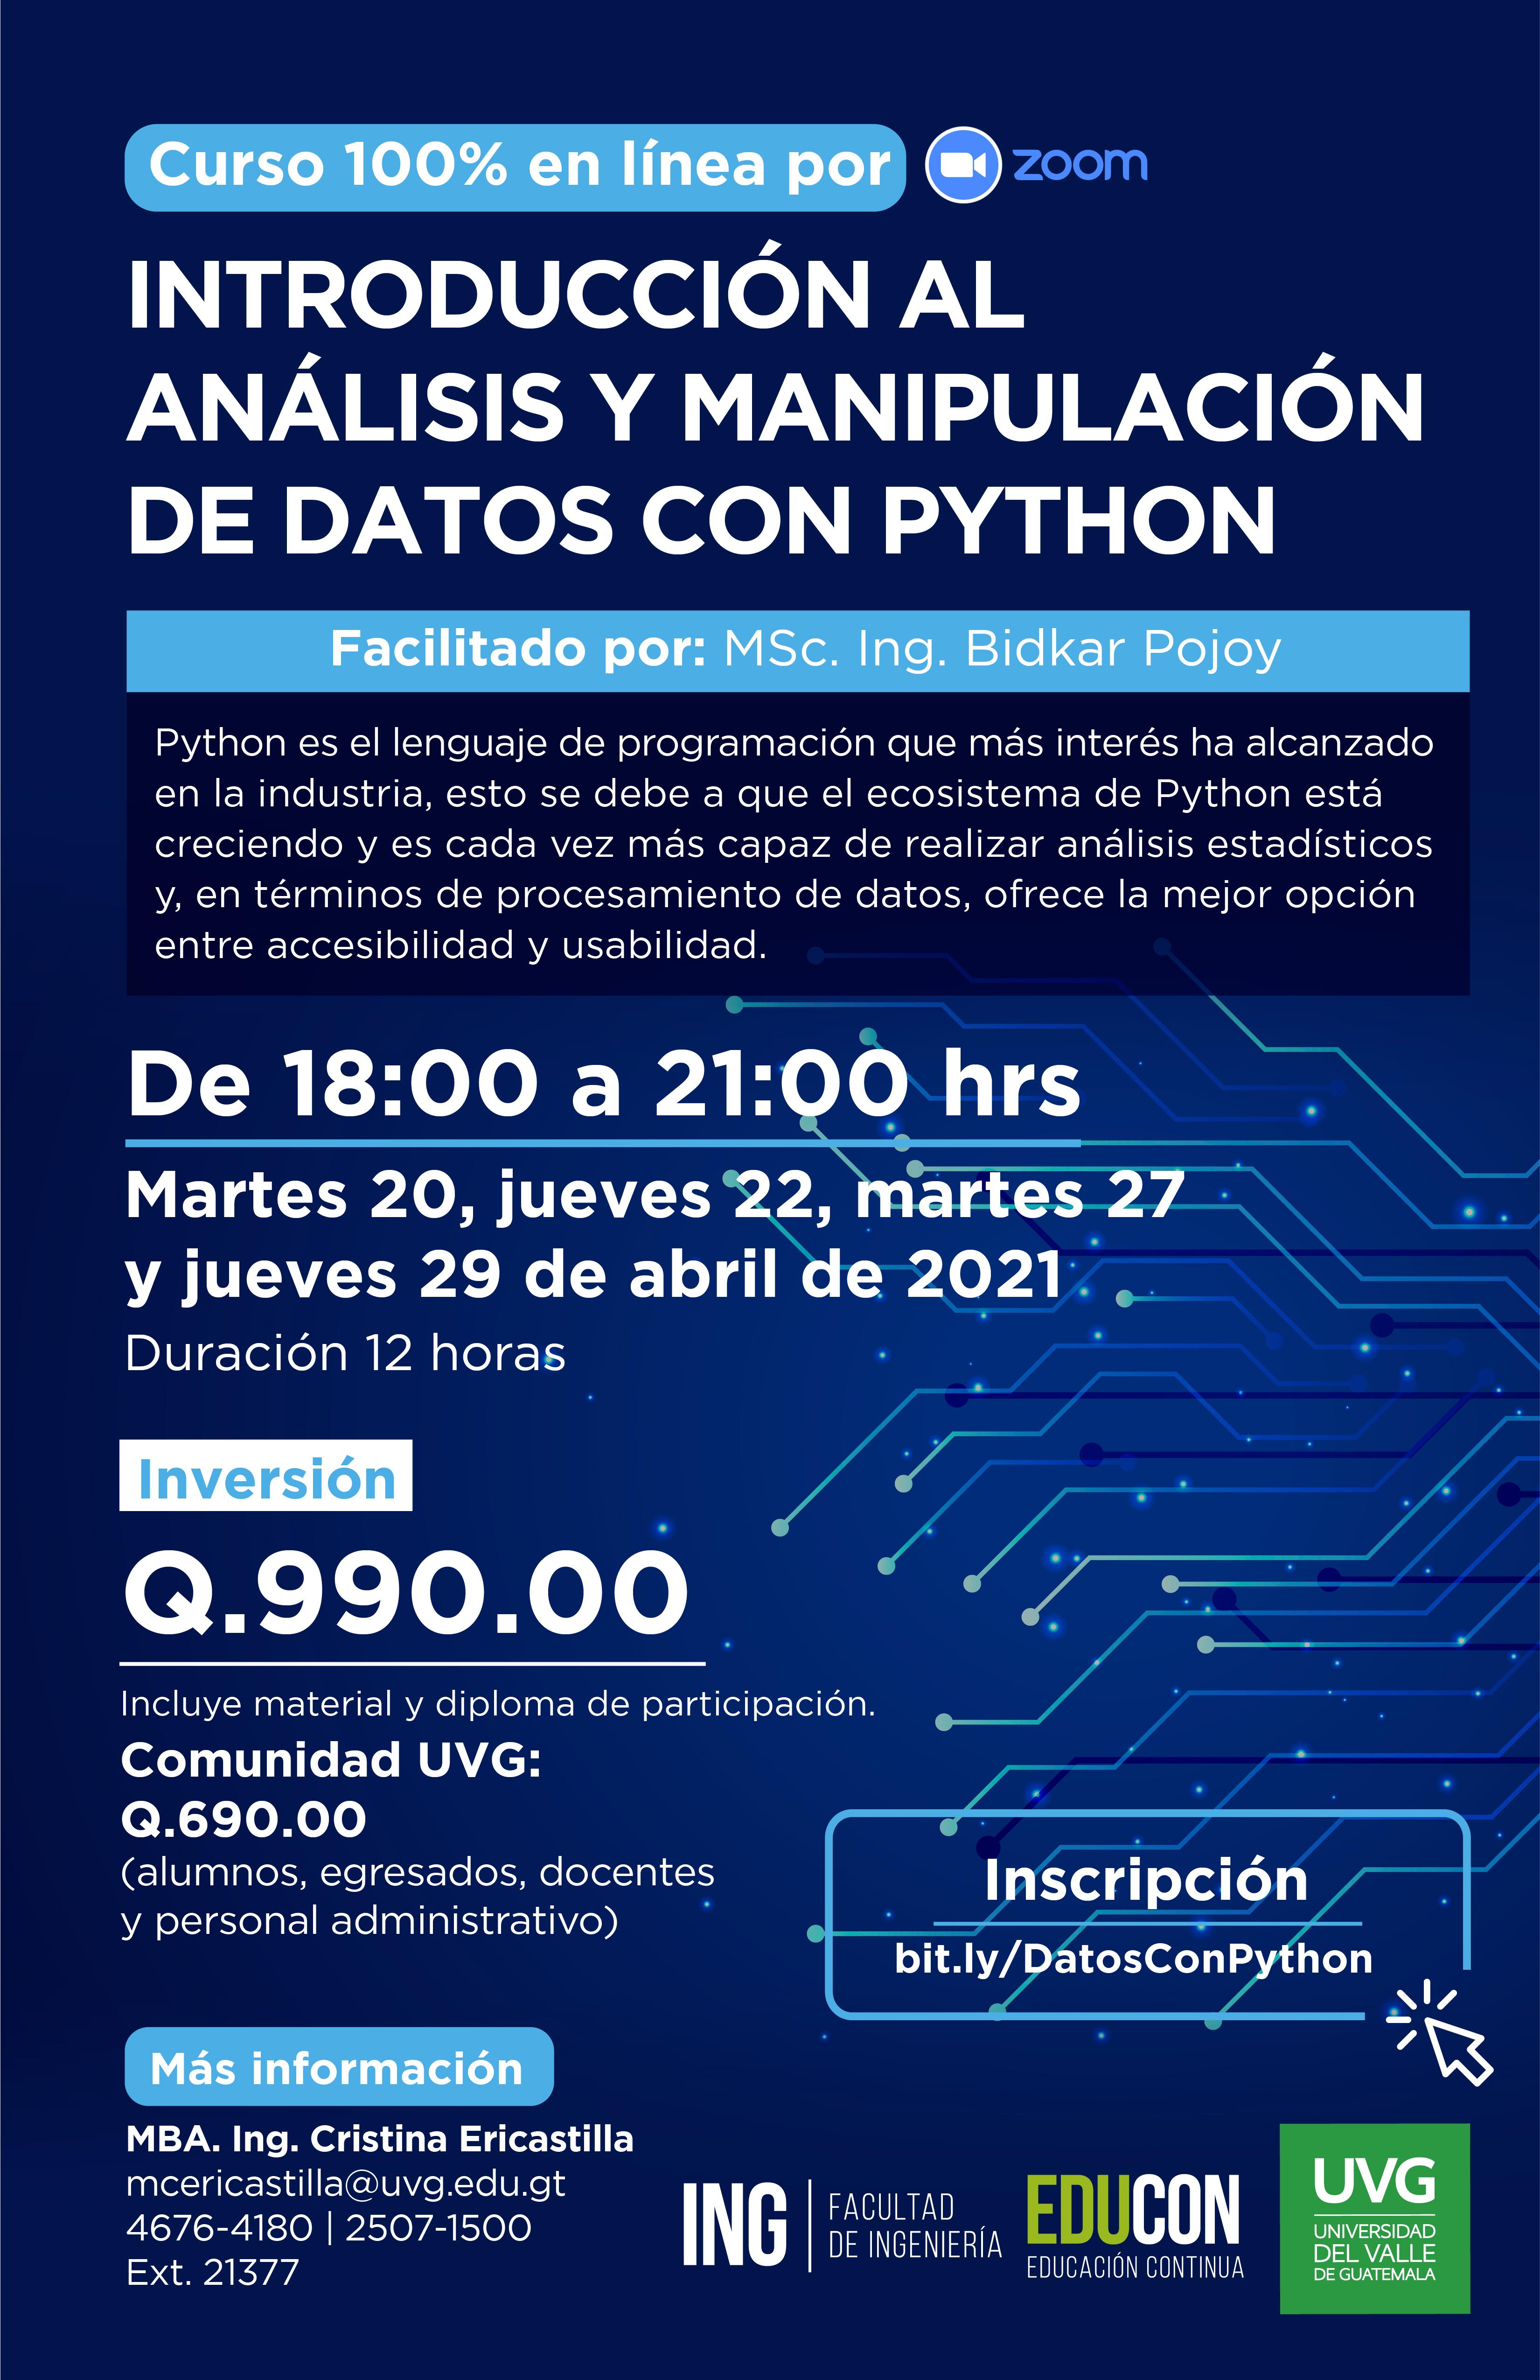 INTRODUCCIÓN AL ANÁLISIS Y MANIPULACIÓN DE DATOS CON PYTHON